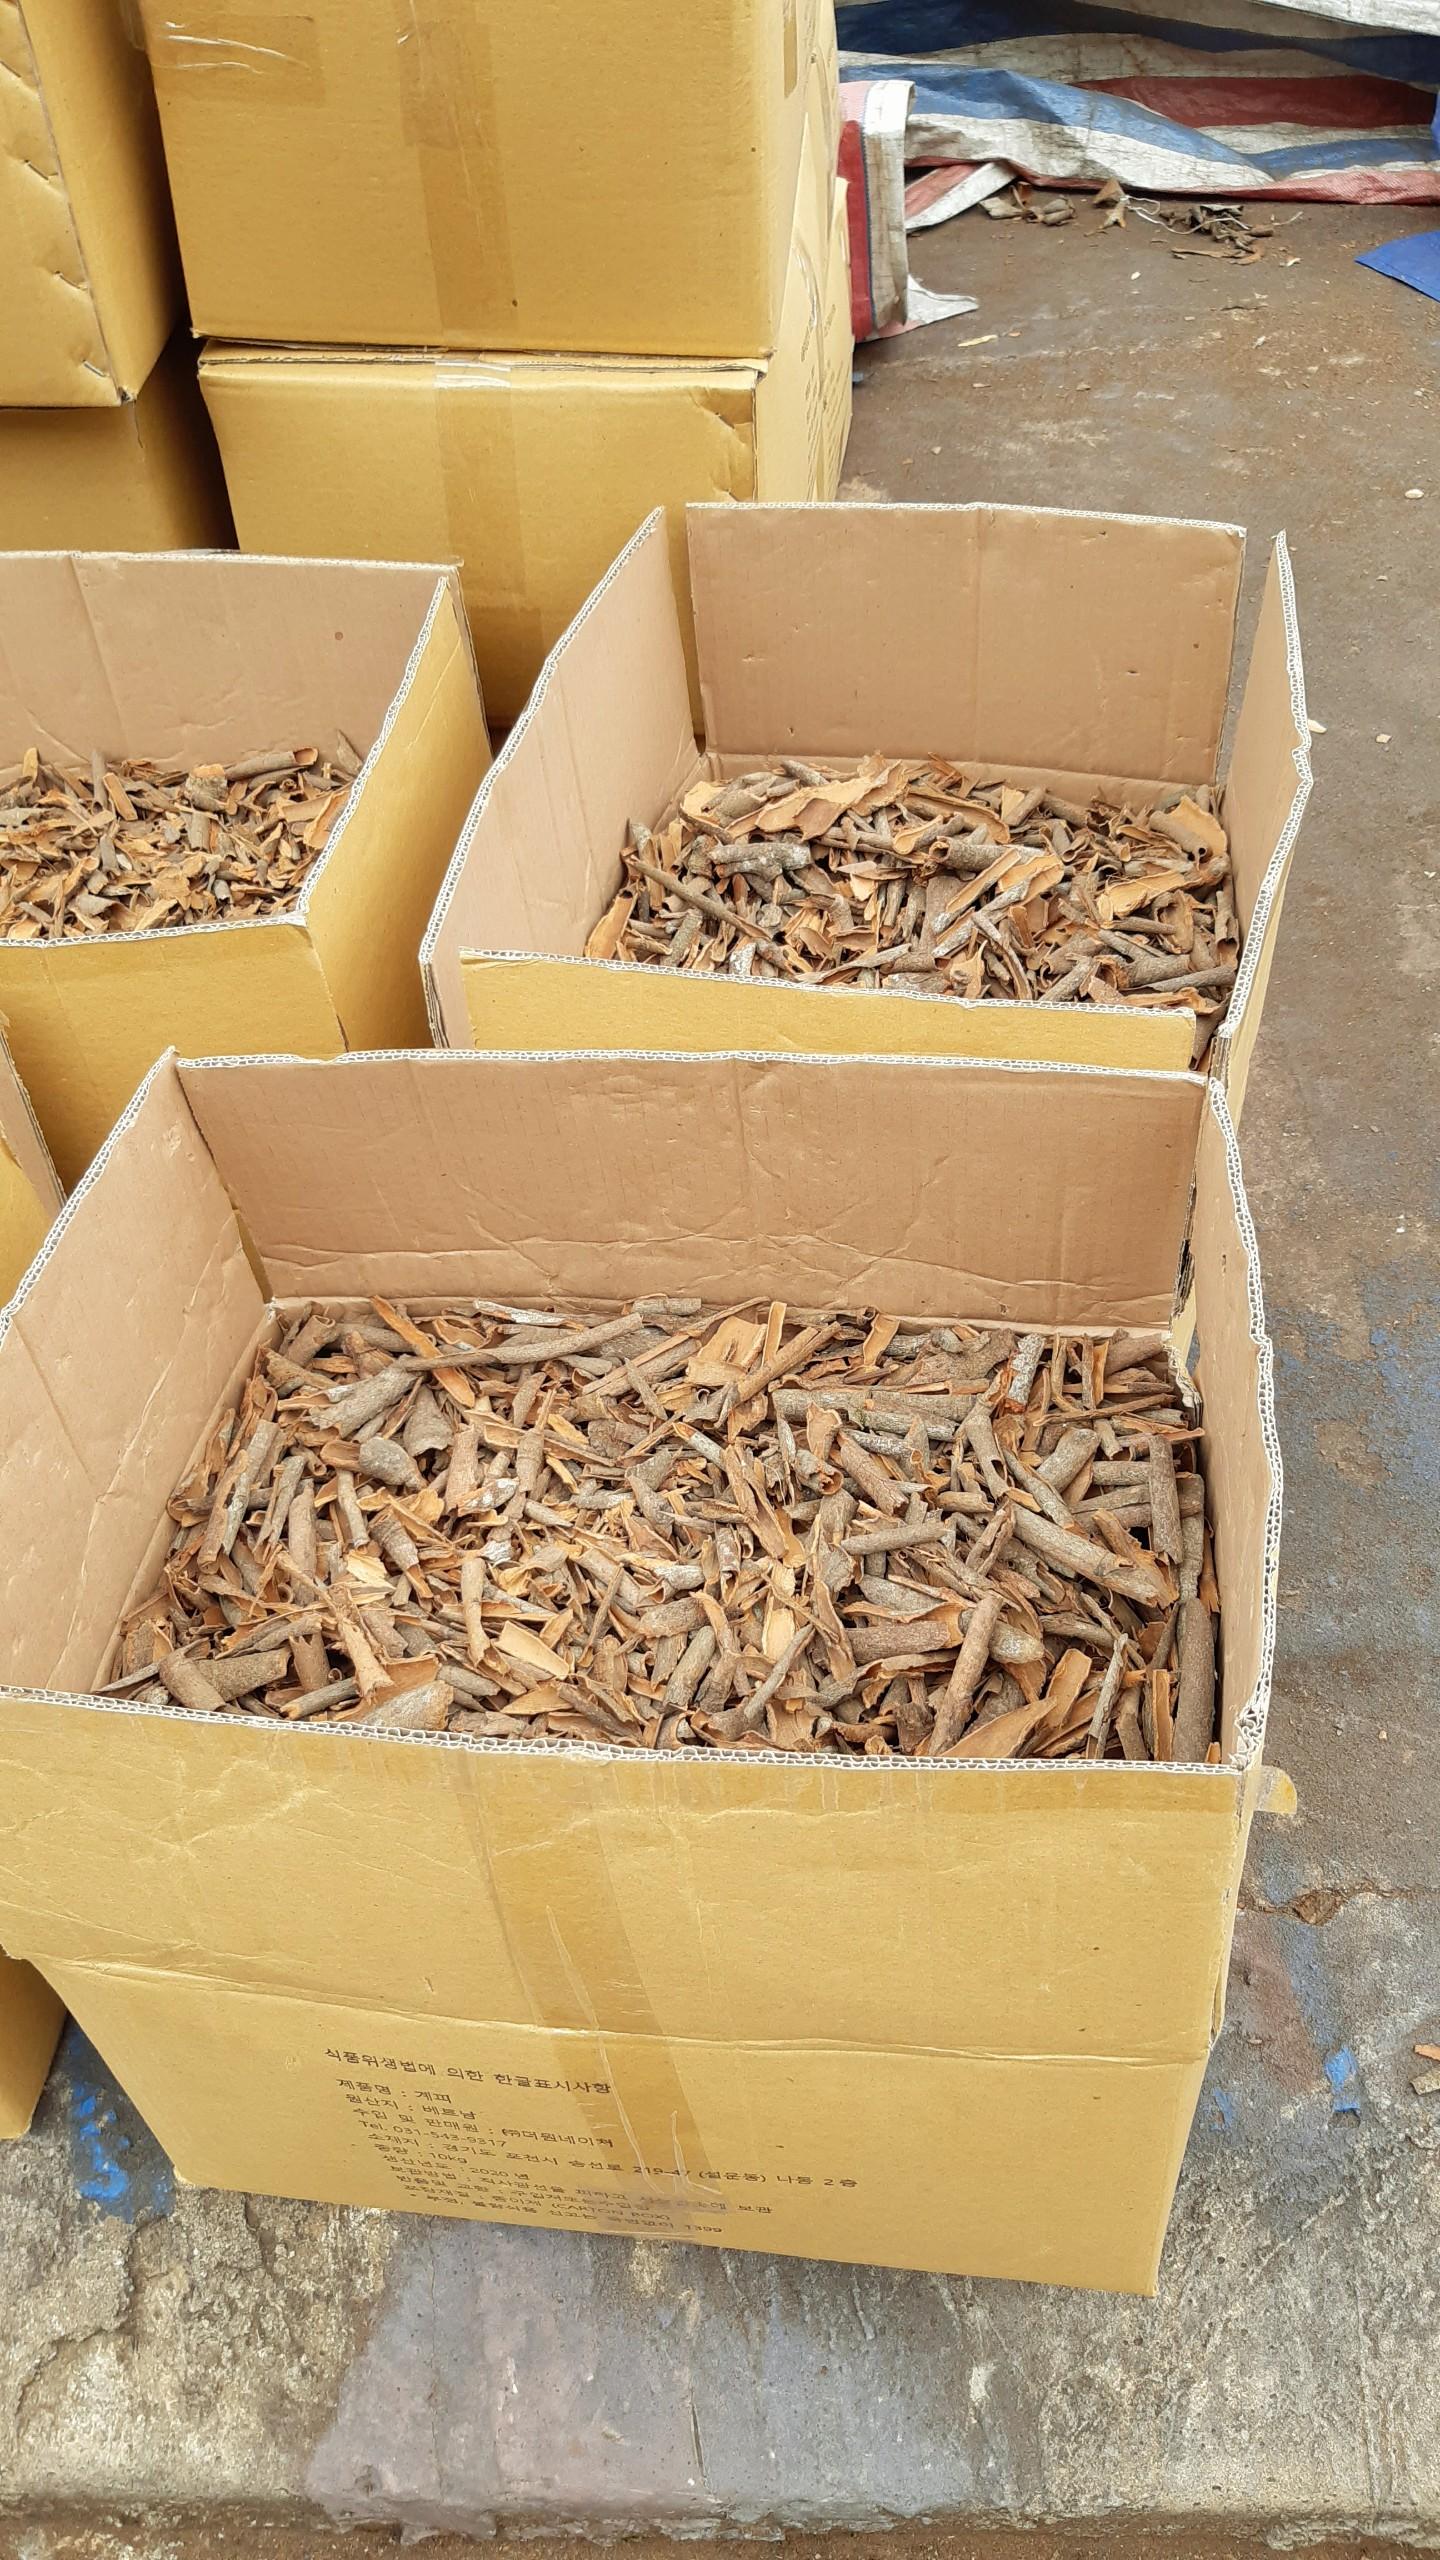 Vietnam Broken Cassia/ Cinamon Good Price - Whatsaap/viber +84 765149122